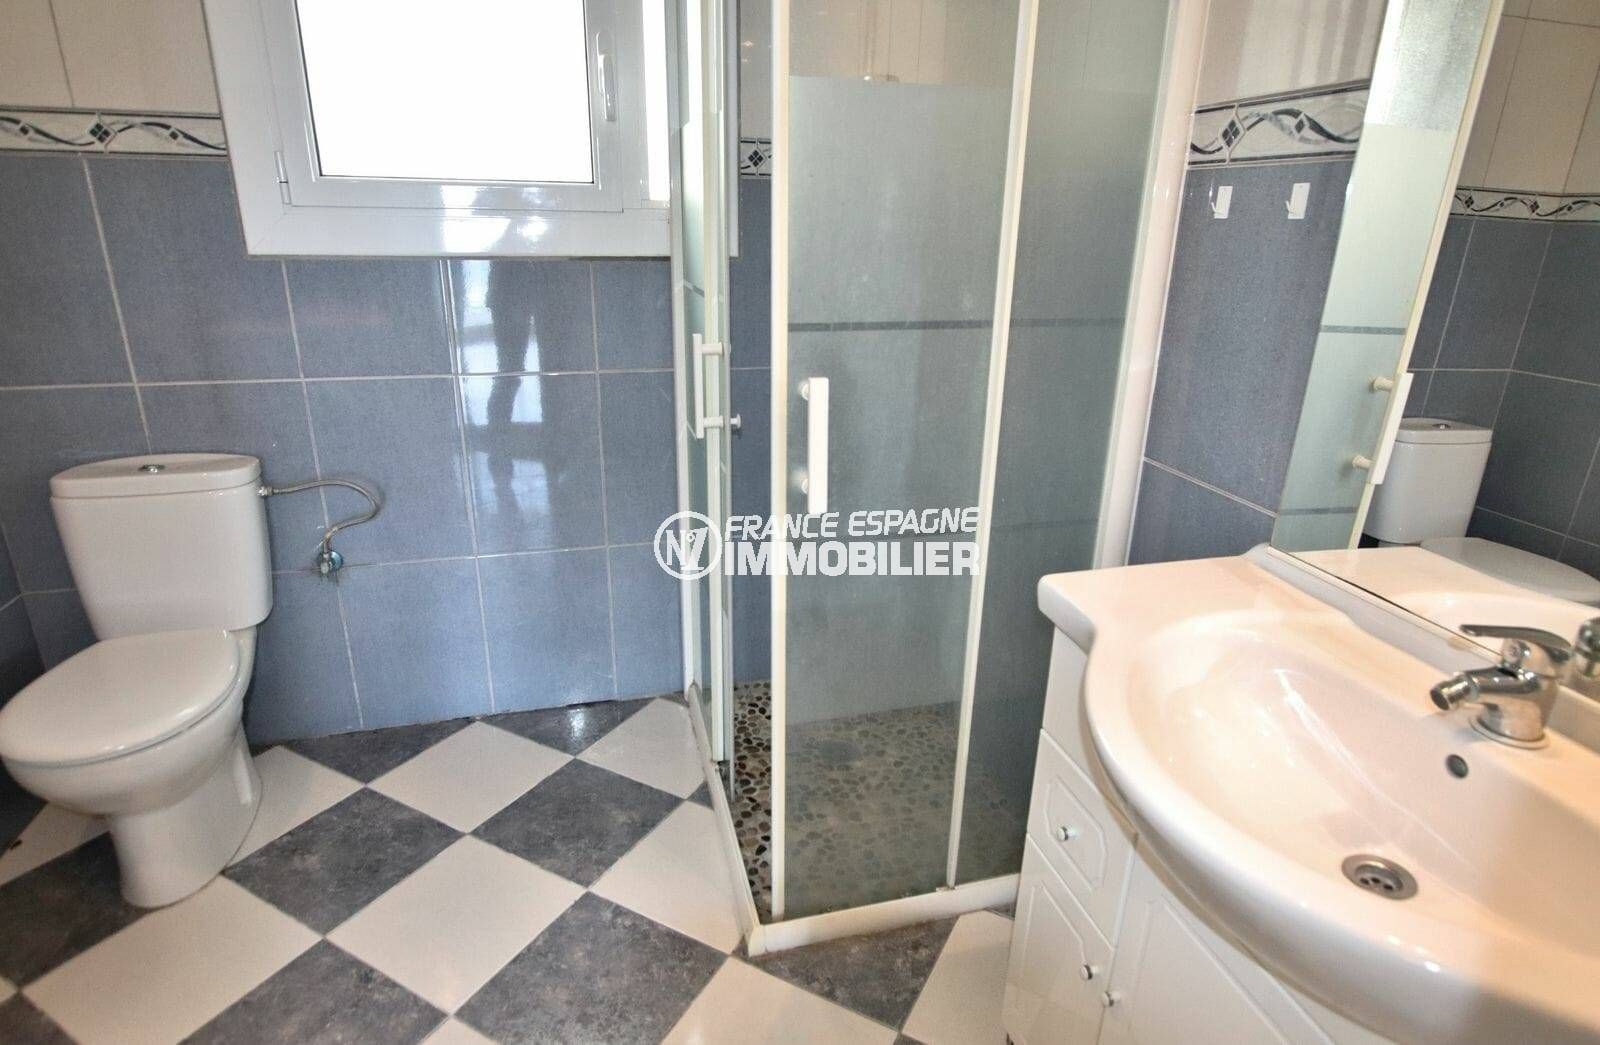 appartement rosas vente, ref.3824, salle d'eau: cabine de douche, vasque et wc